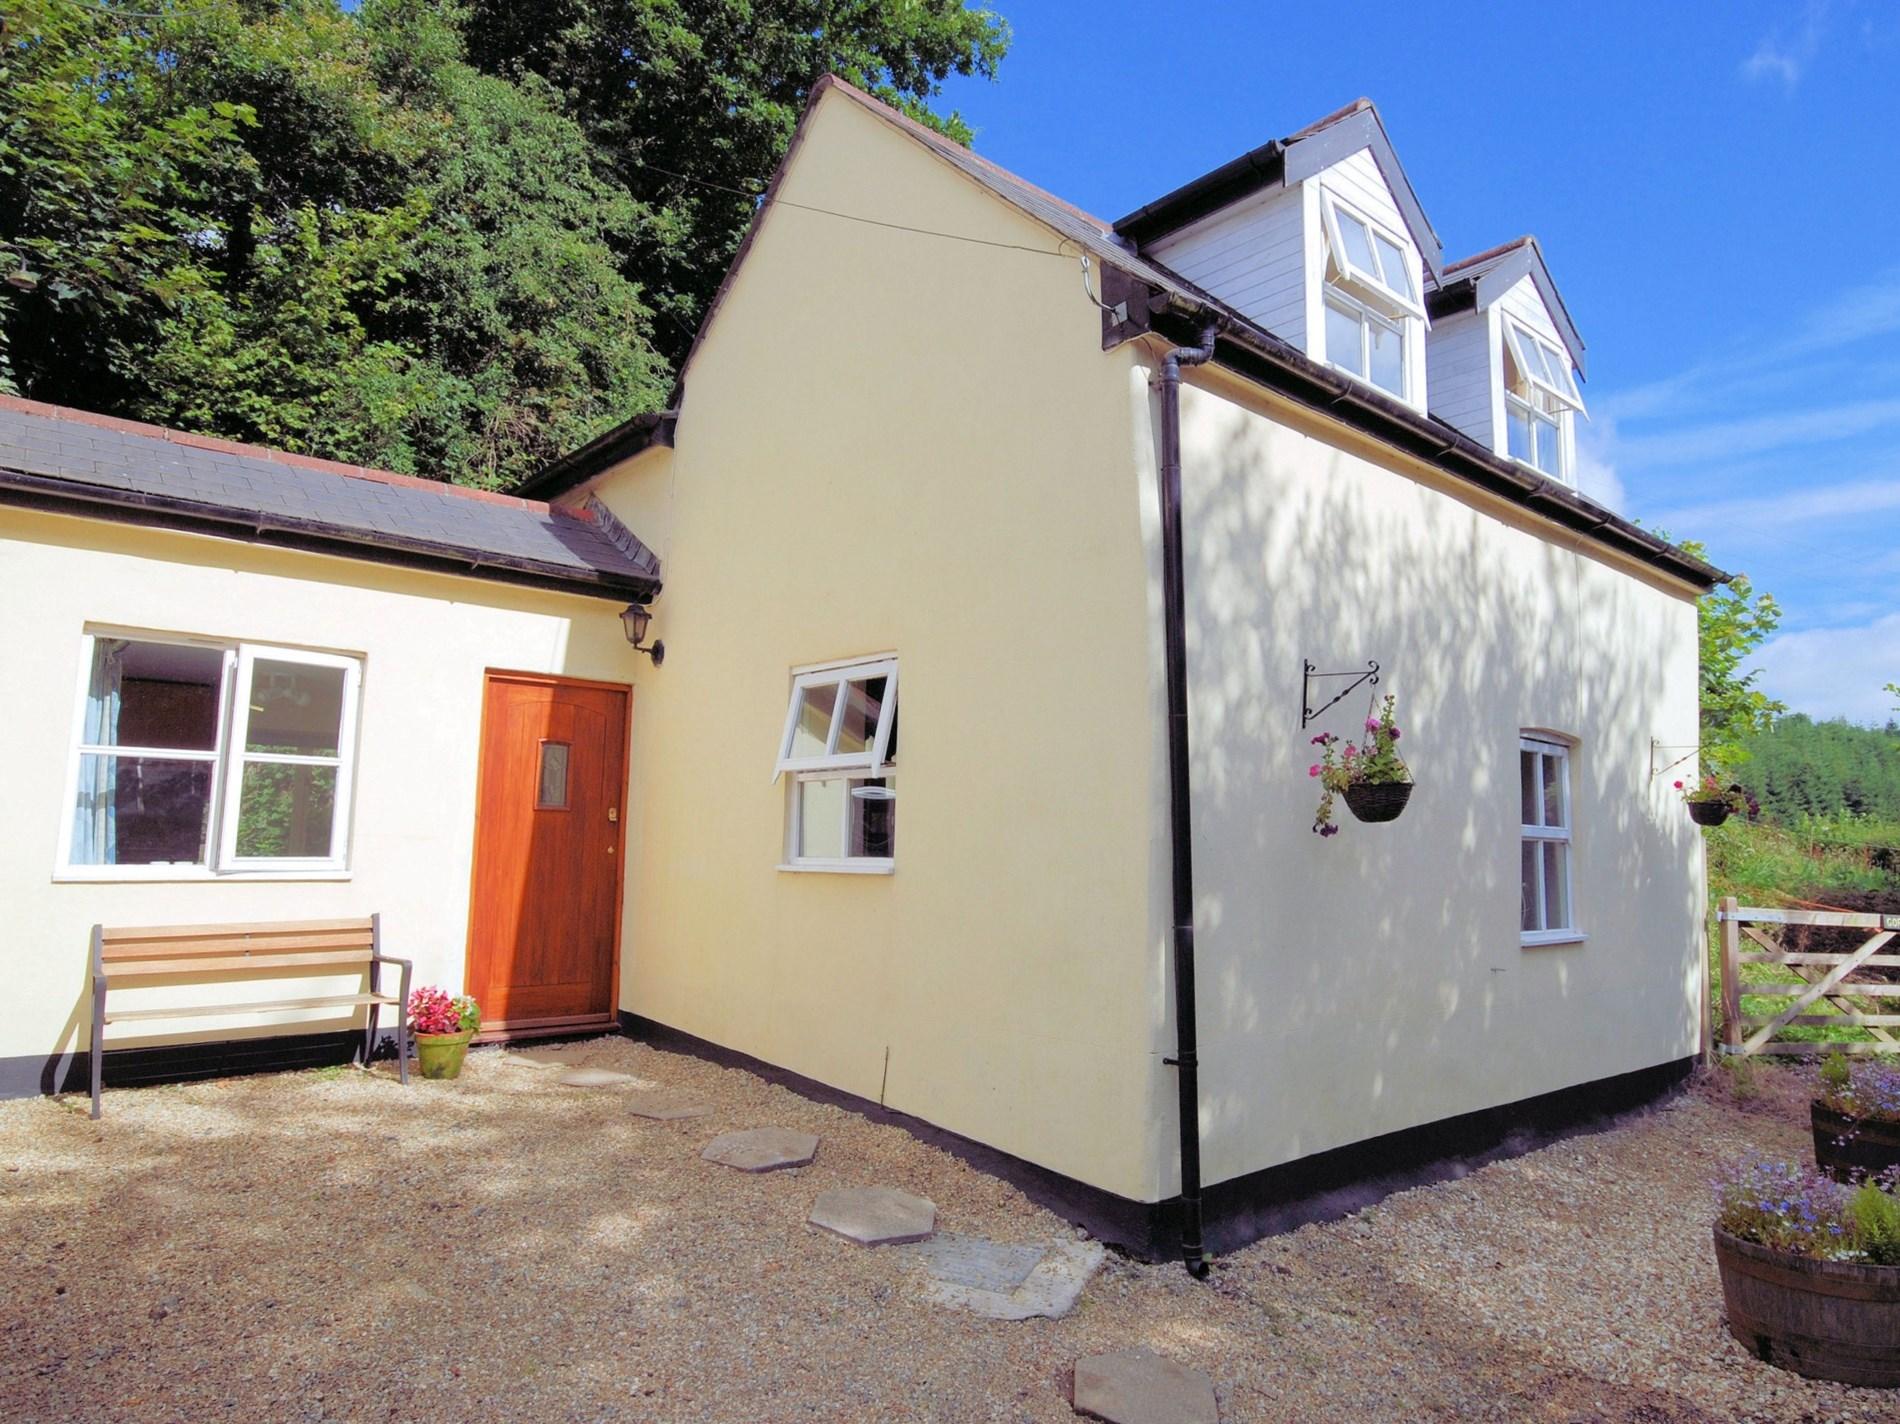 Ferienhaus in Great-Torrington